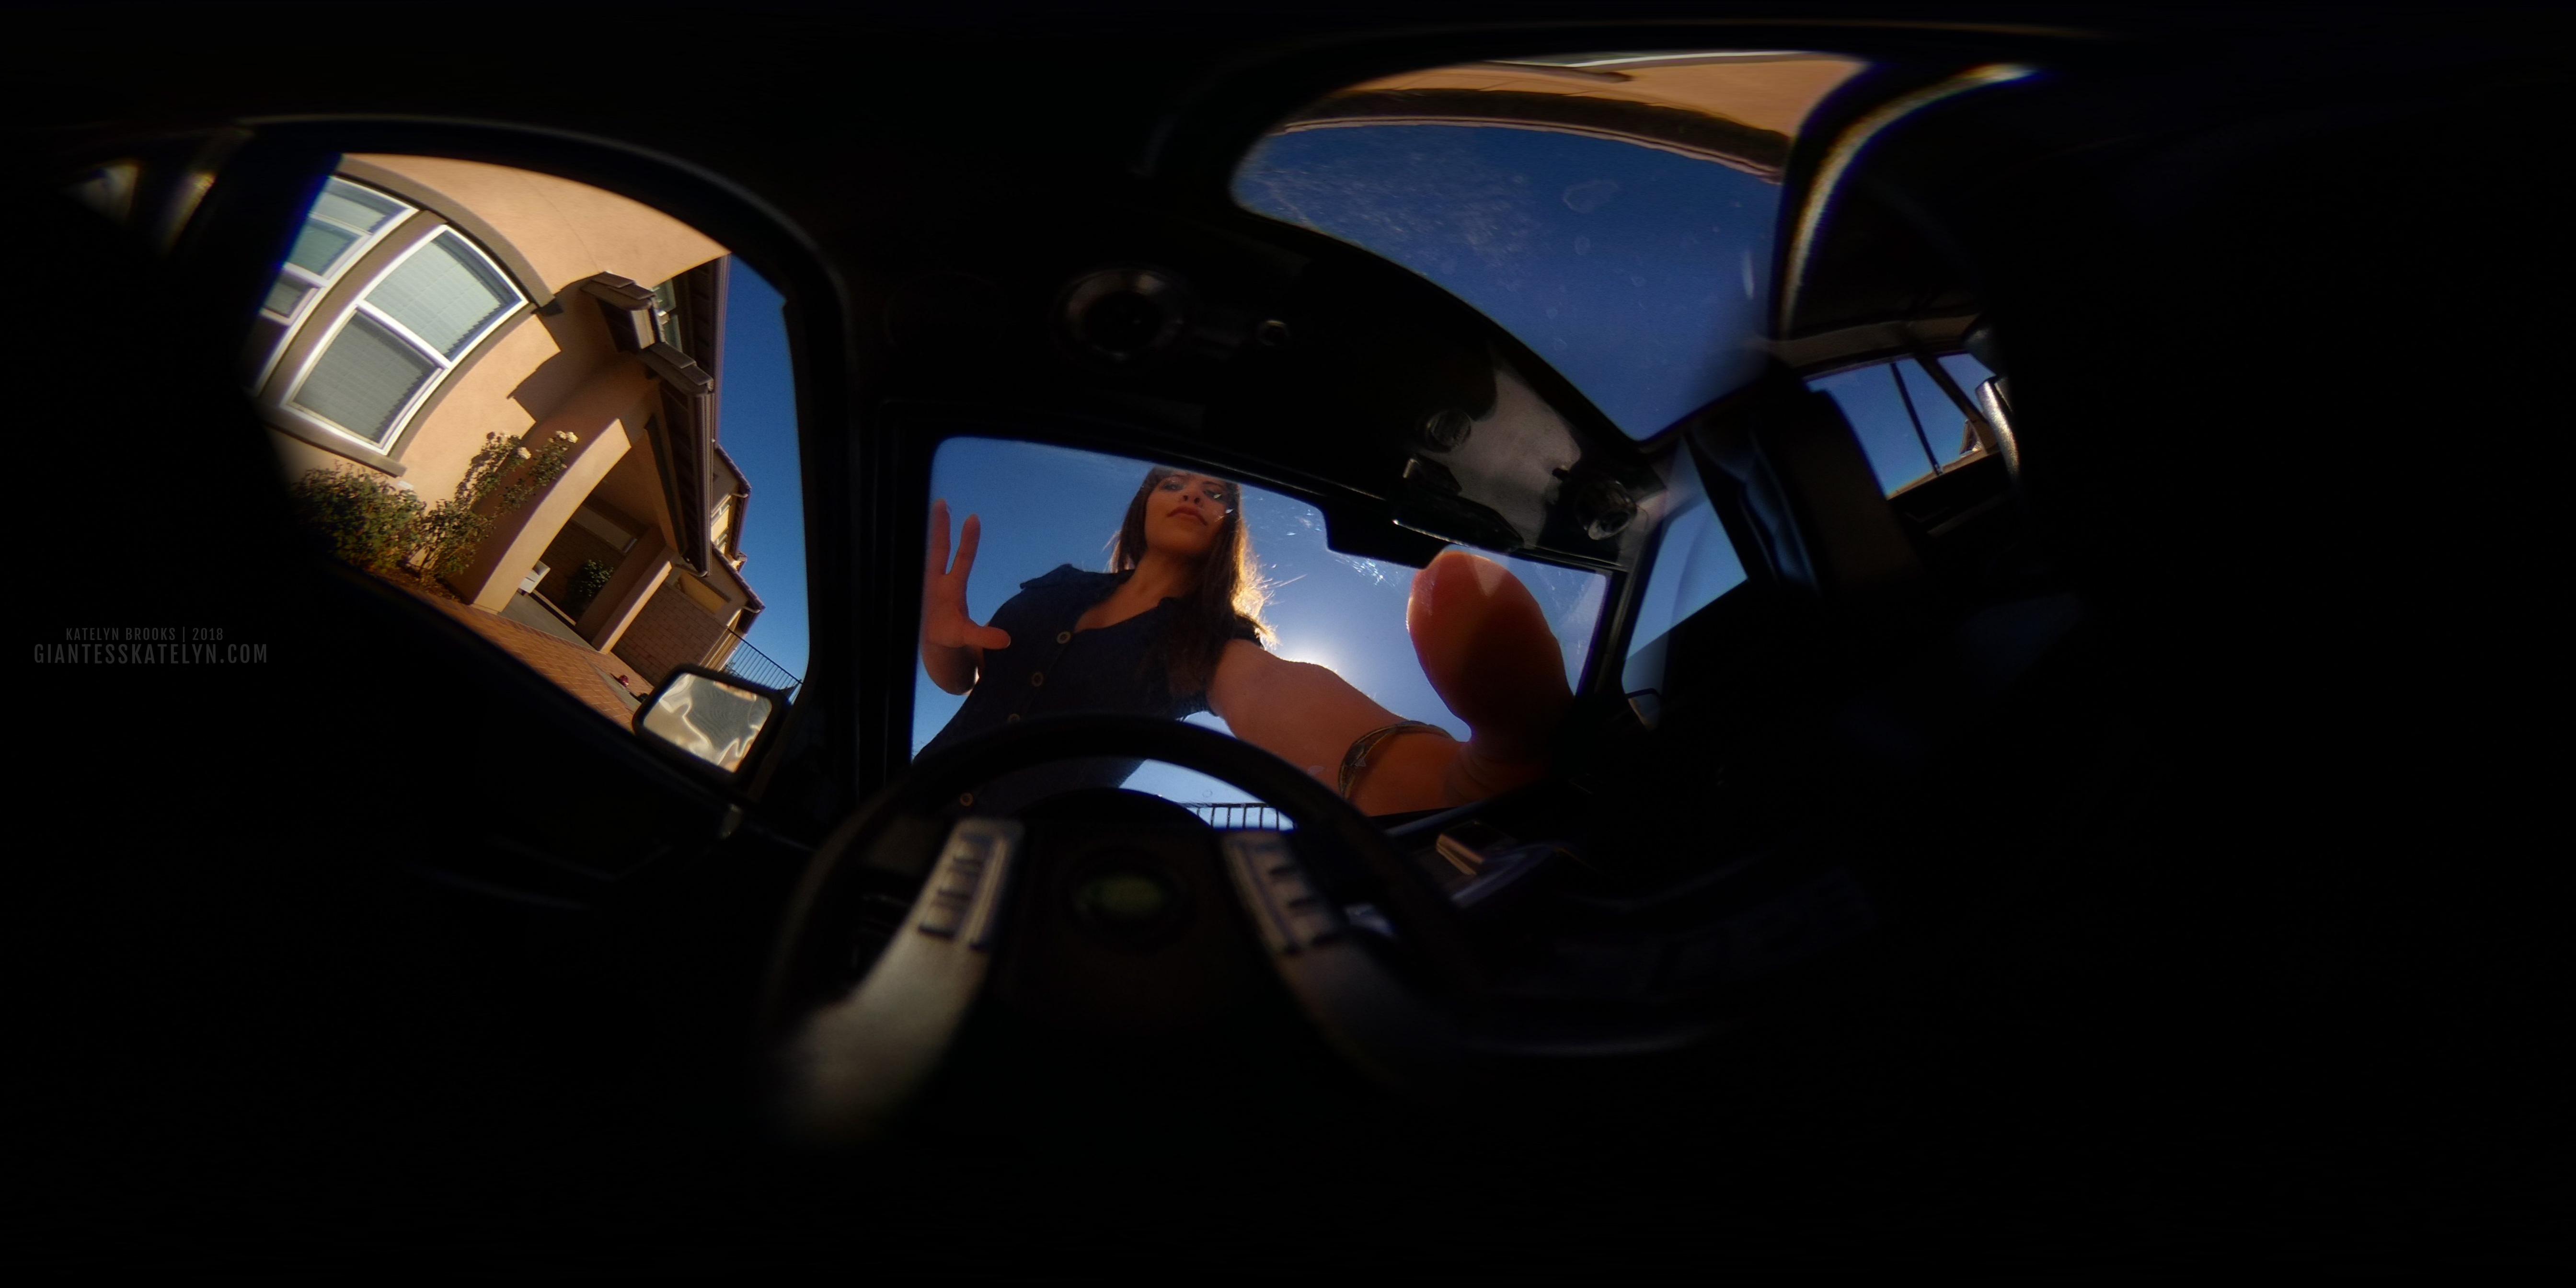 360-4k-vr-shrunken-man-pov-inside-car-24